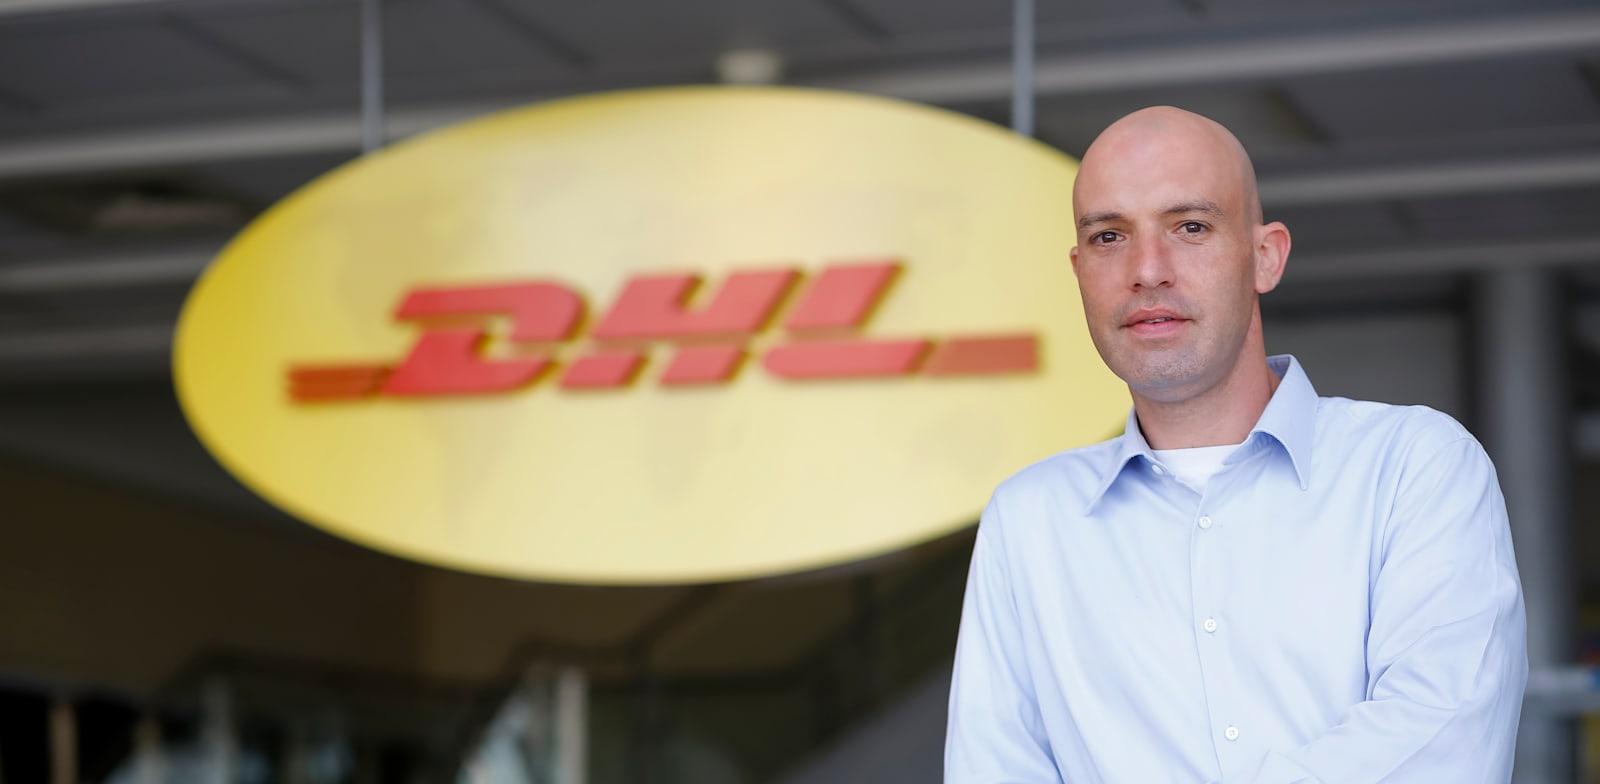 """יונתן איבגי, סמנכ""""ל הסחר ב-DHL ישראל / צילום: פבל טולצ'ינסקי"""